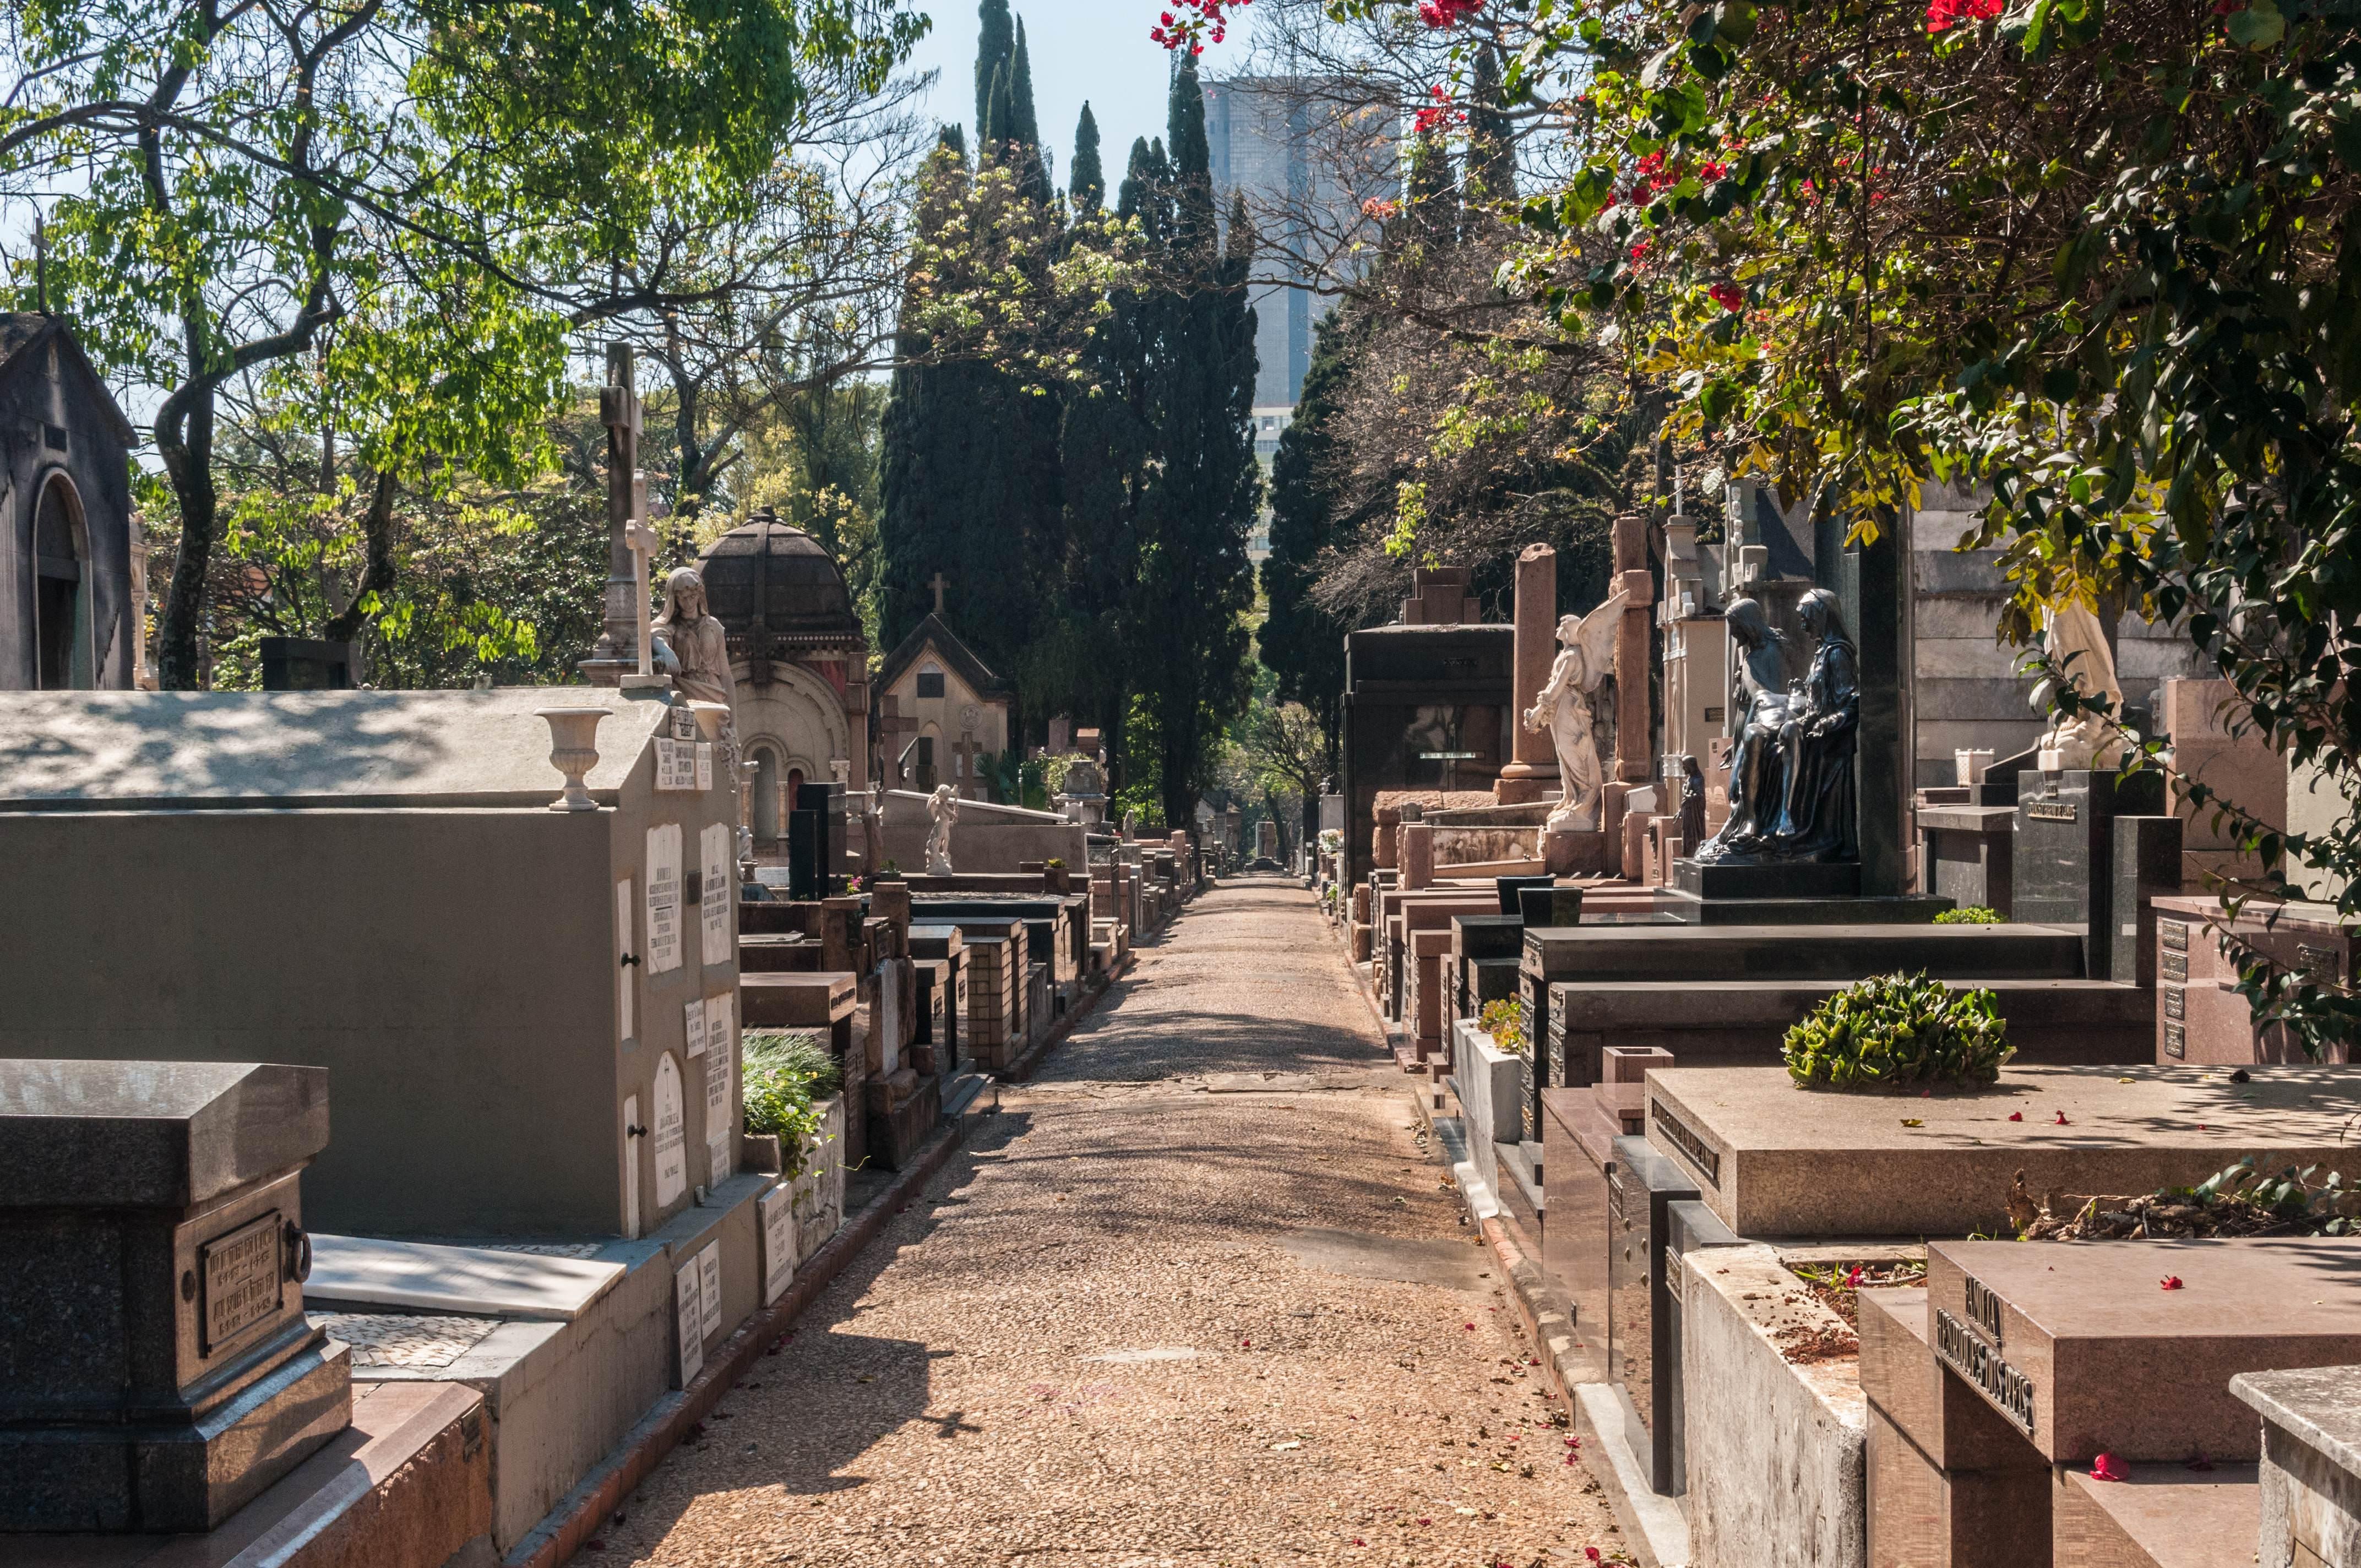 Concessão de cemitérios em SP inclui criação de memoriais para vítimas da ditadura